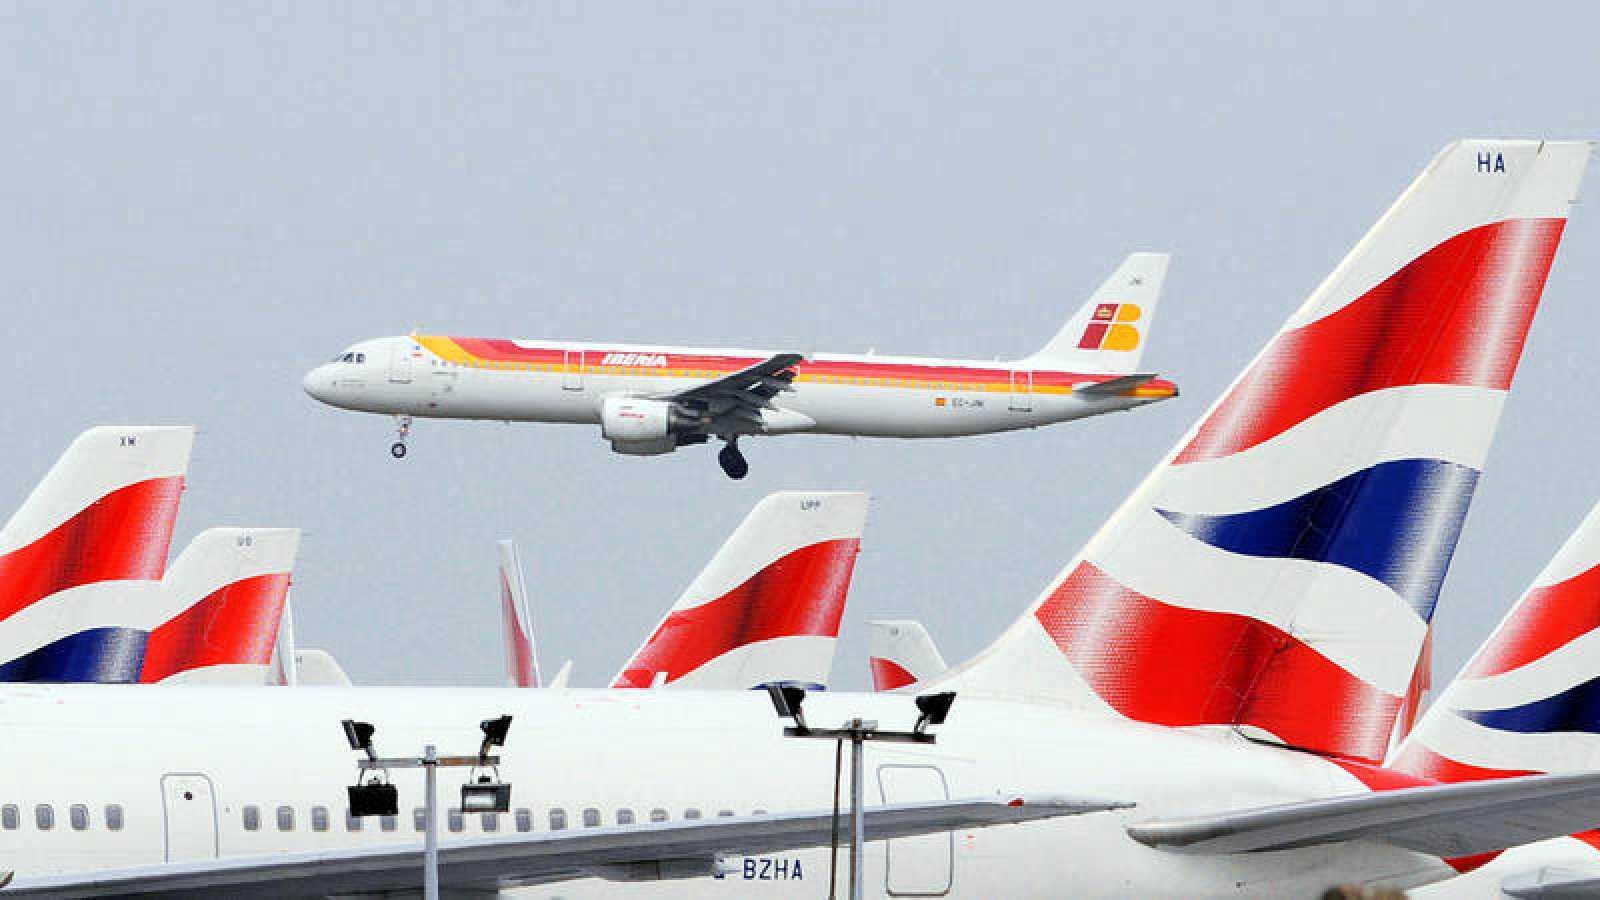 Aviones de IAG en el aeropuerto de Heathrow